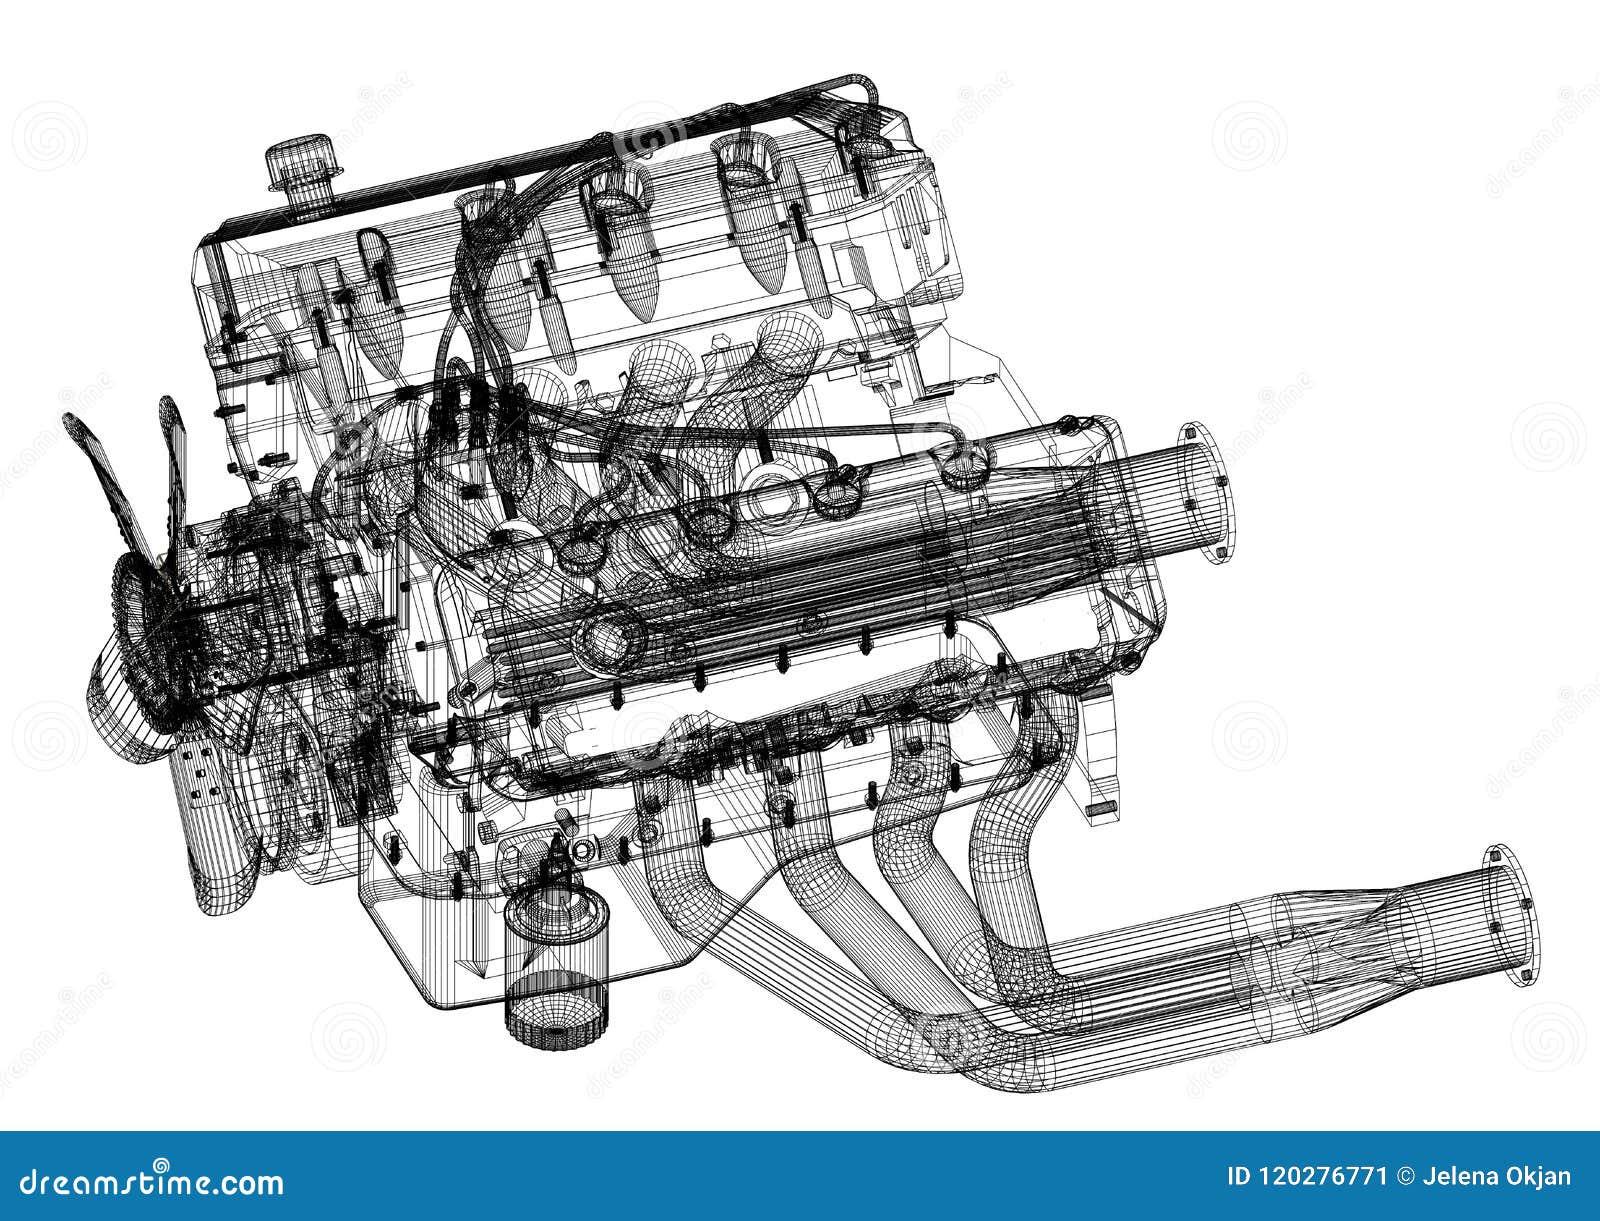 Car Engine Design Architect Blueprint - isolated